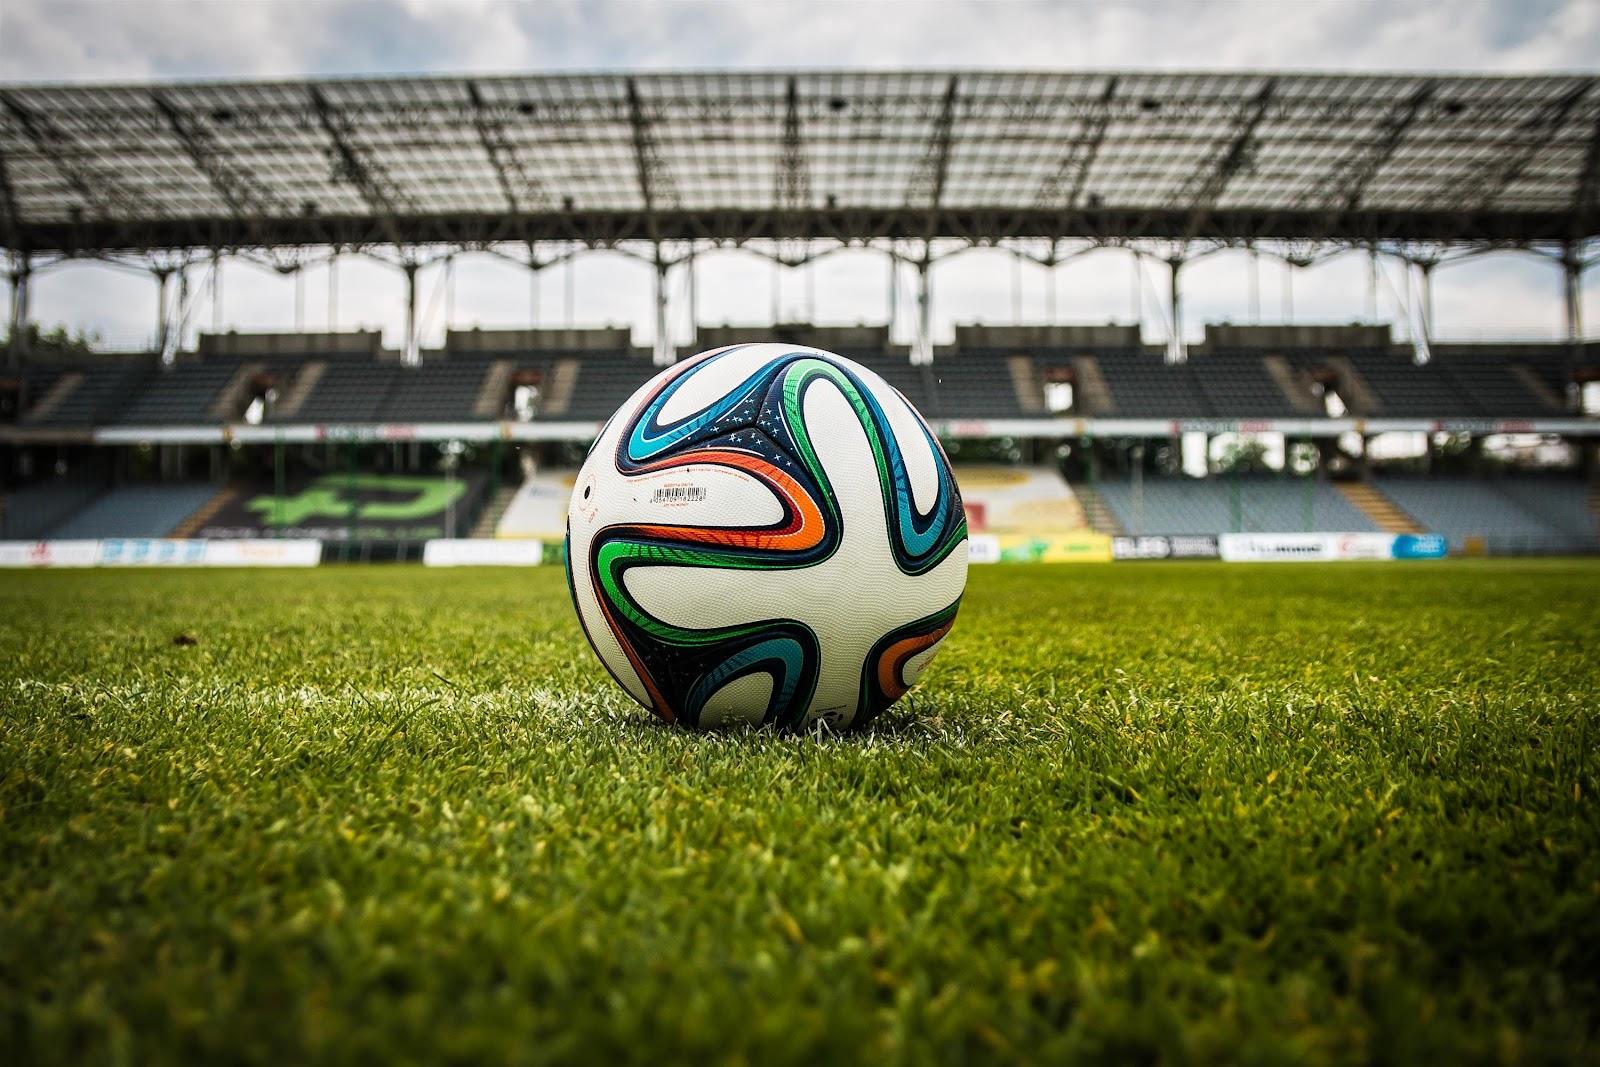 bola-de-futebol-no-relvado-em-grande-plano